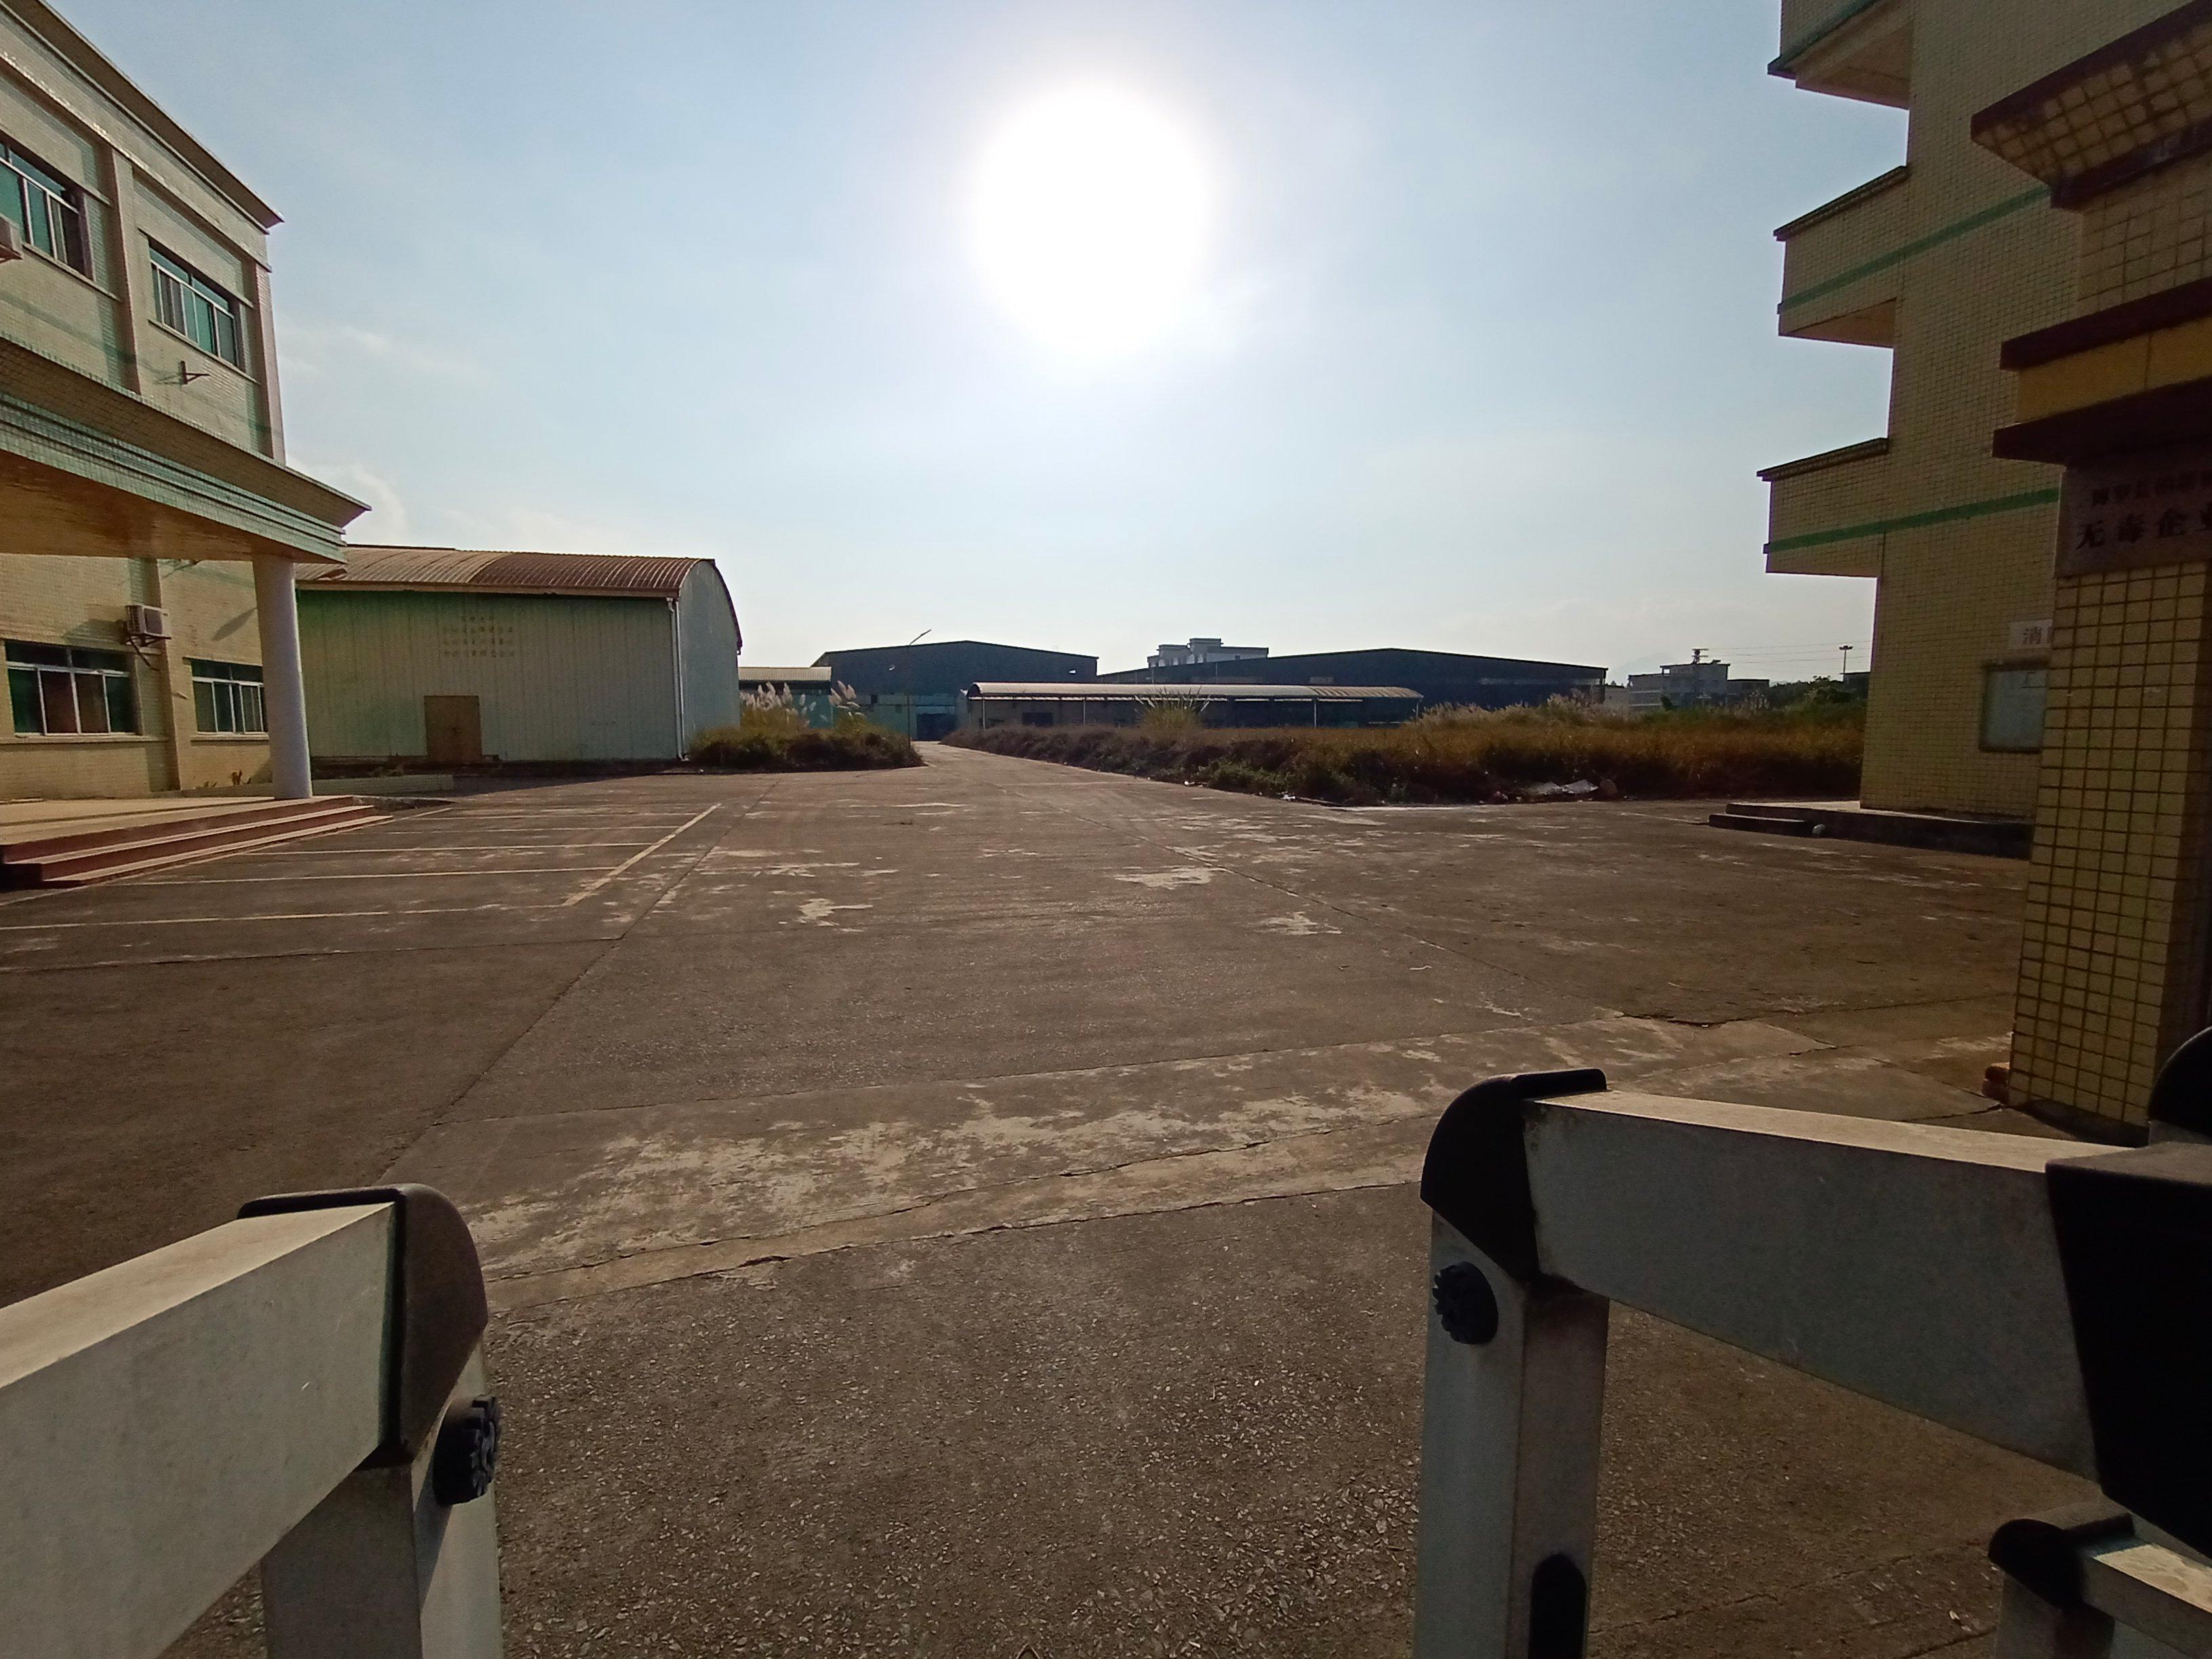 惠州市杨村镇高速出口2公里处单一出租